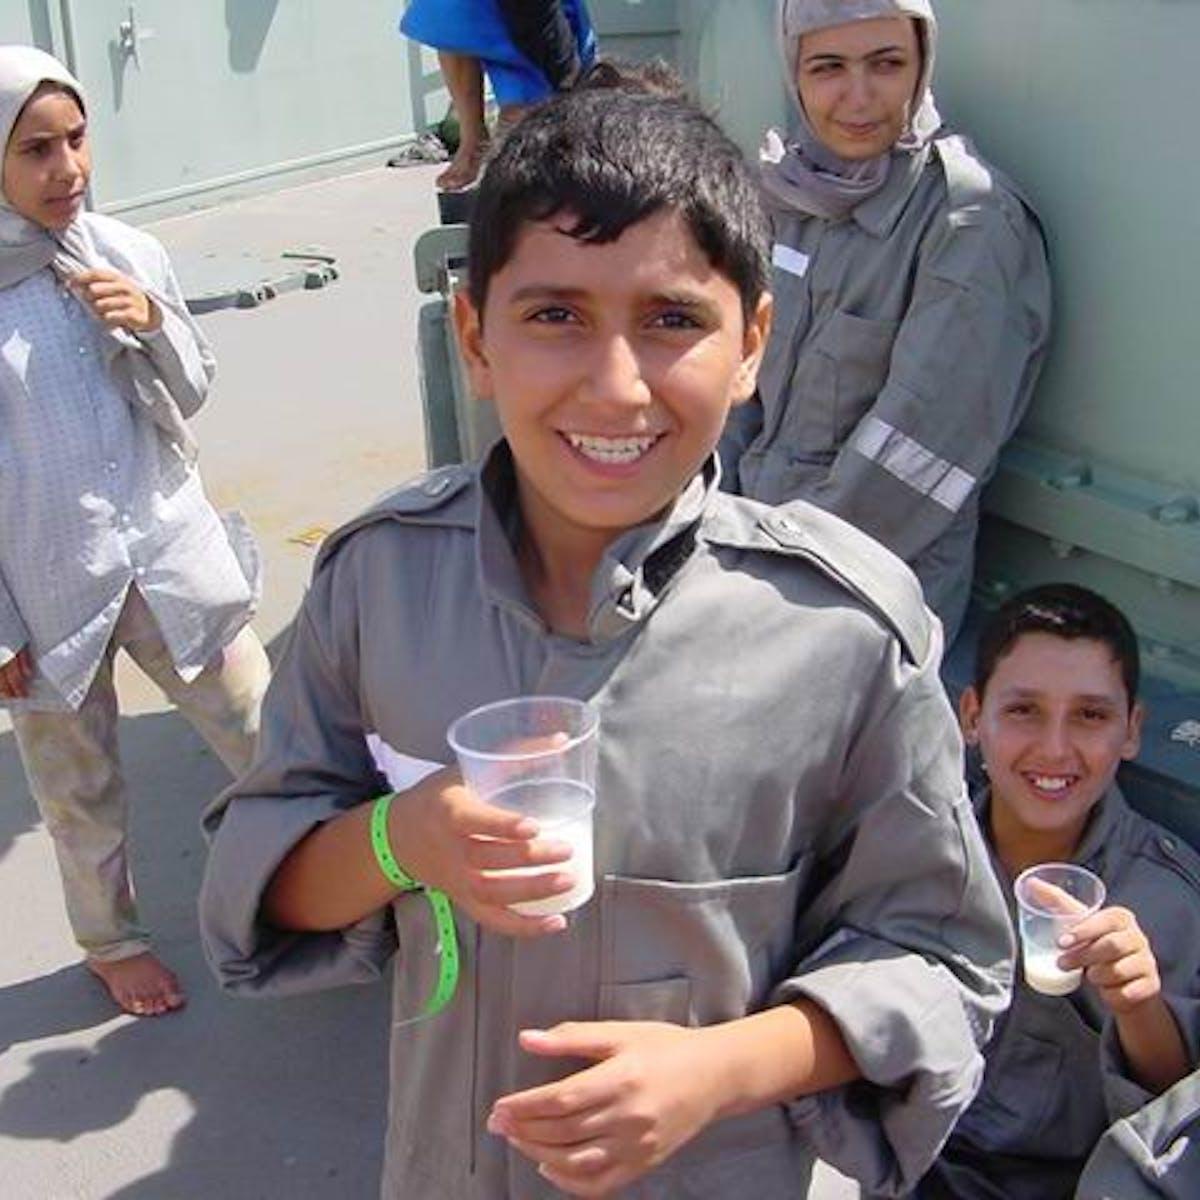 friday essay worth a thousand words  how photos shape attitudes to  friday essay worth a thousand words  how photos shape attitudes to  refugees